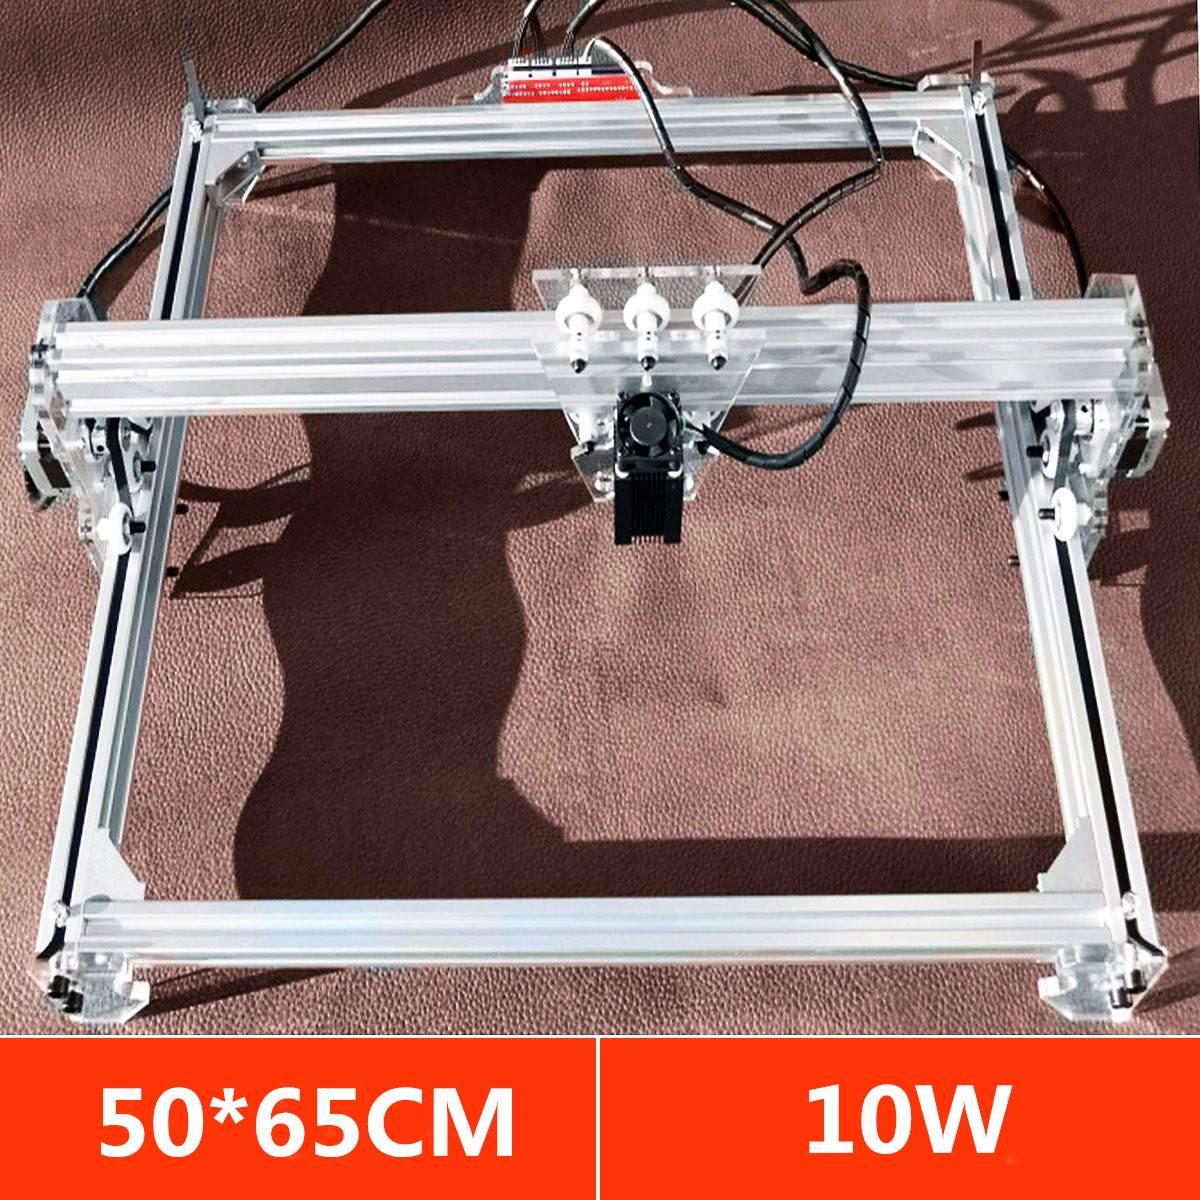 Zona 50*65 cm Mini Incisione Laser Macchina di Taglio Della Stampante DC 12 v In Legno Cutter + 10 w Blu laser Testa di Potere Regolare Desktop